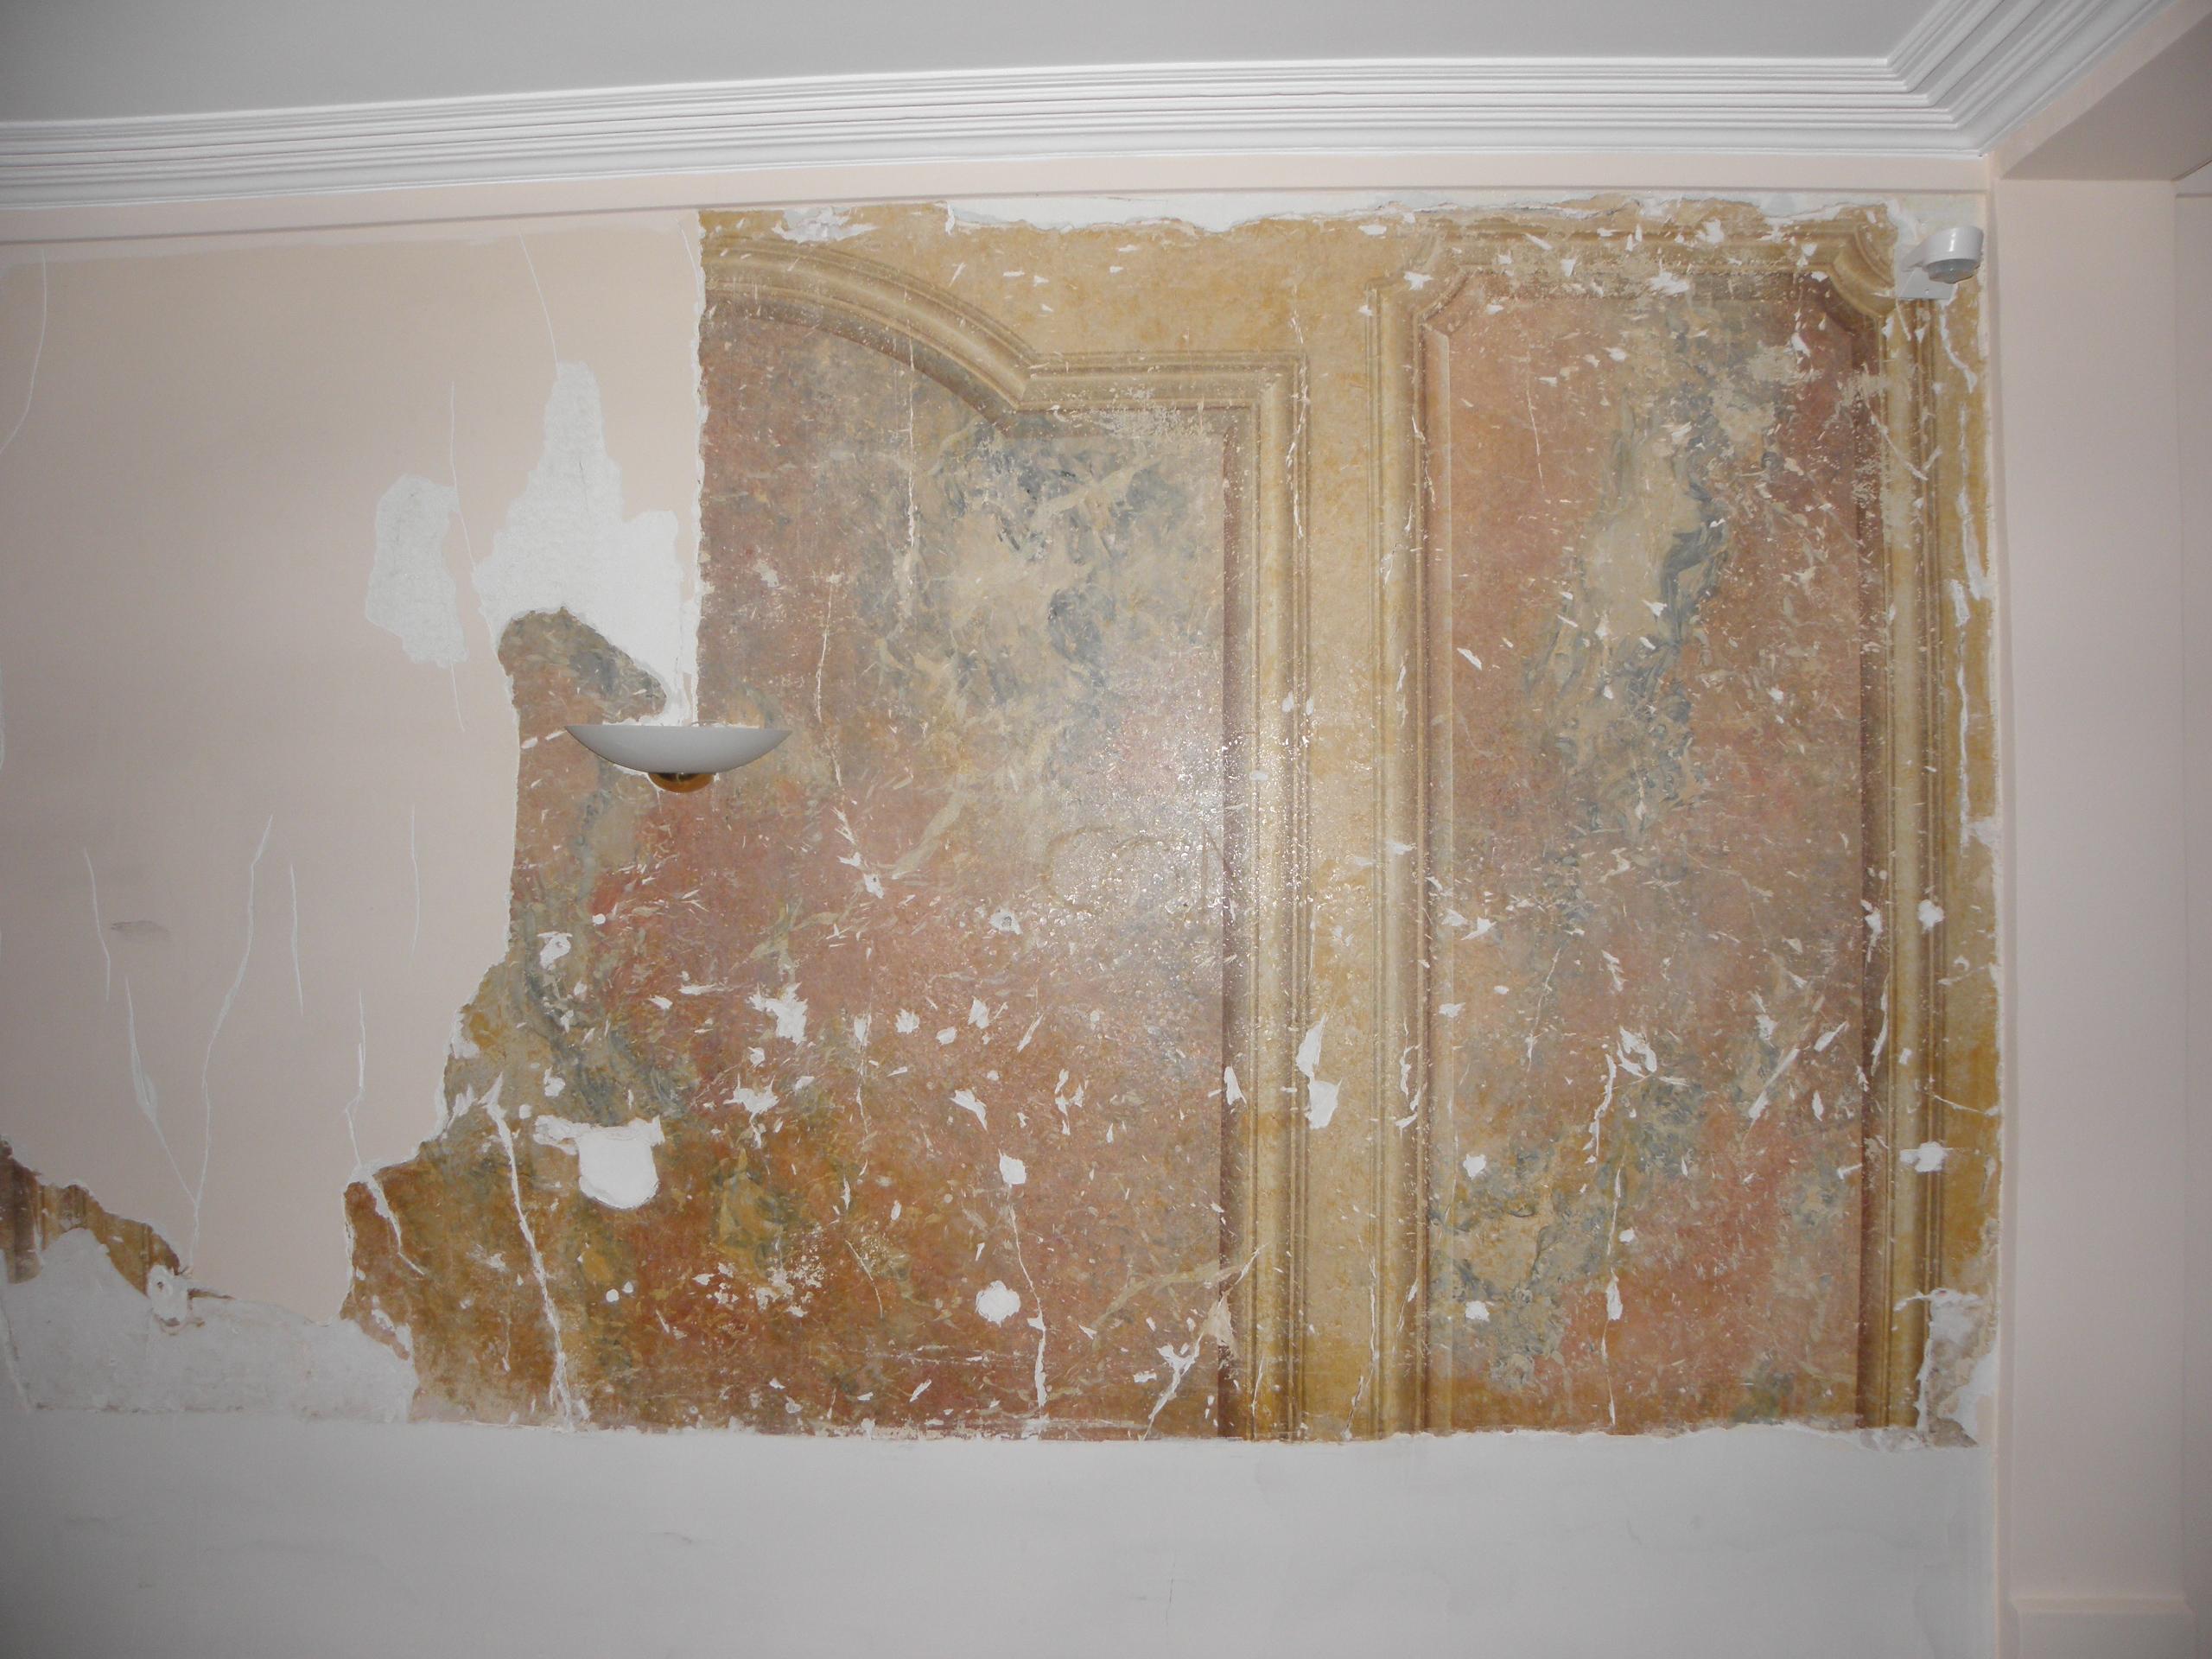 restauration de d cors peints stuc marbrecr ation restauration de peintures murales. Black Bedroom Furniture Sets. Home Design Ideas